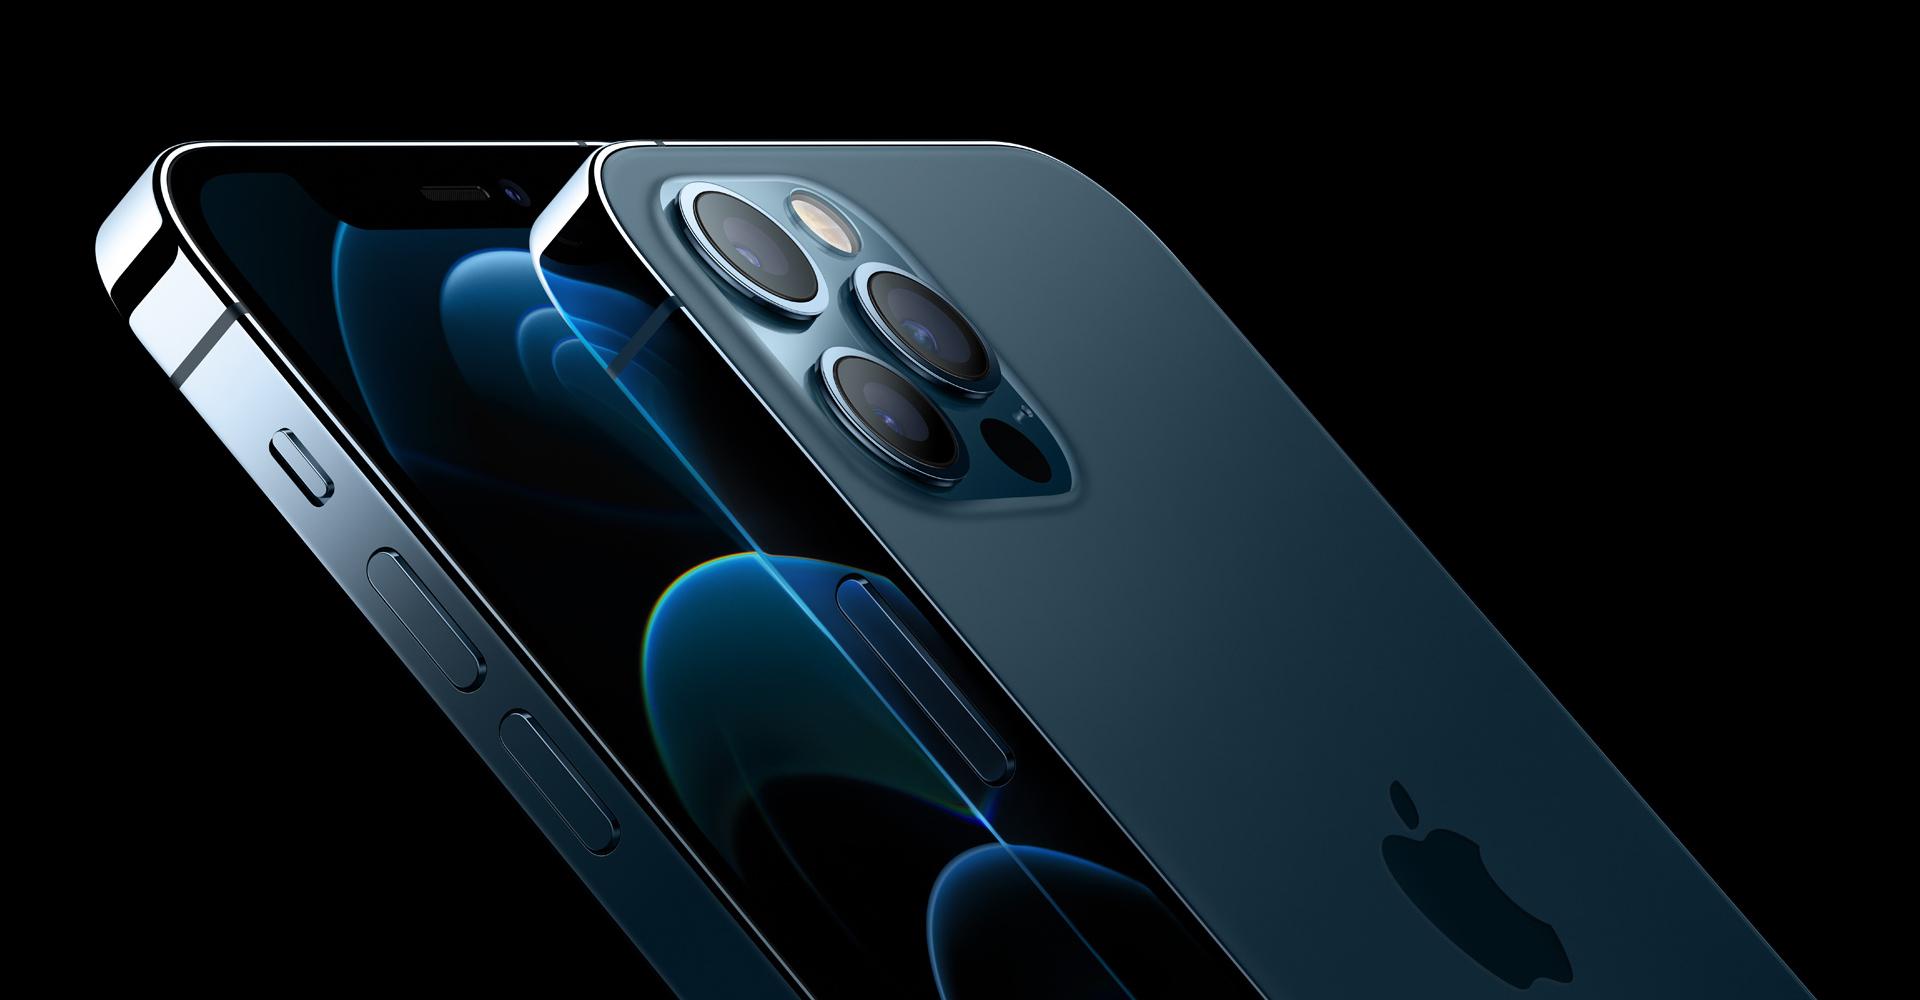 iPhone 12 Pro Max Vorder- und Rückseite